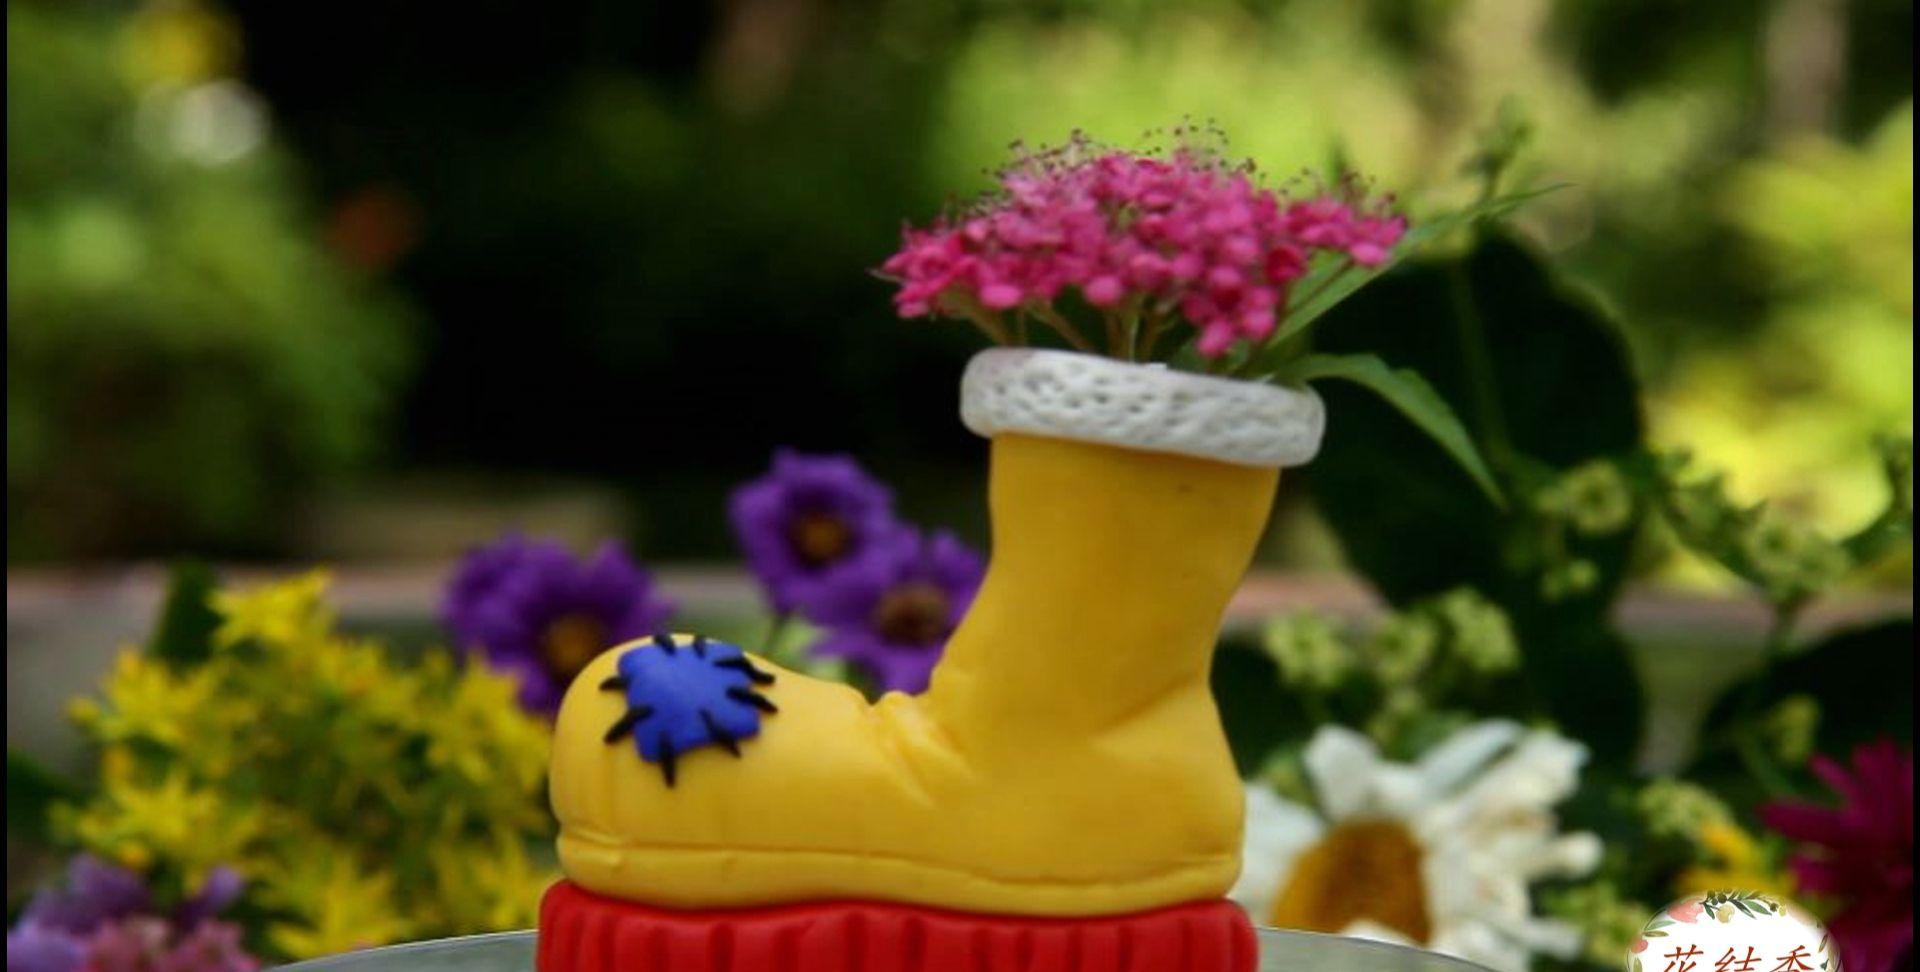 手工DIY:软陶做个小靴子,既是迷你花瓶,也是个可爱的笔筒